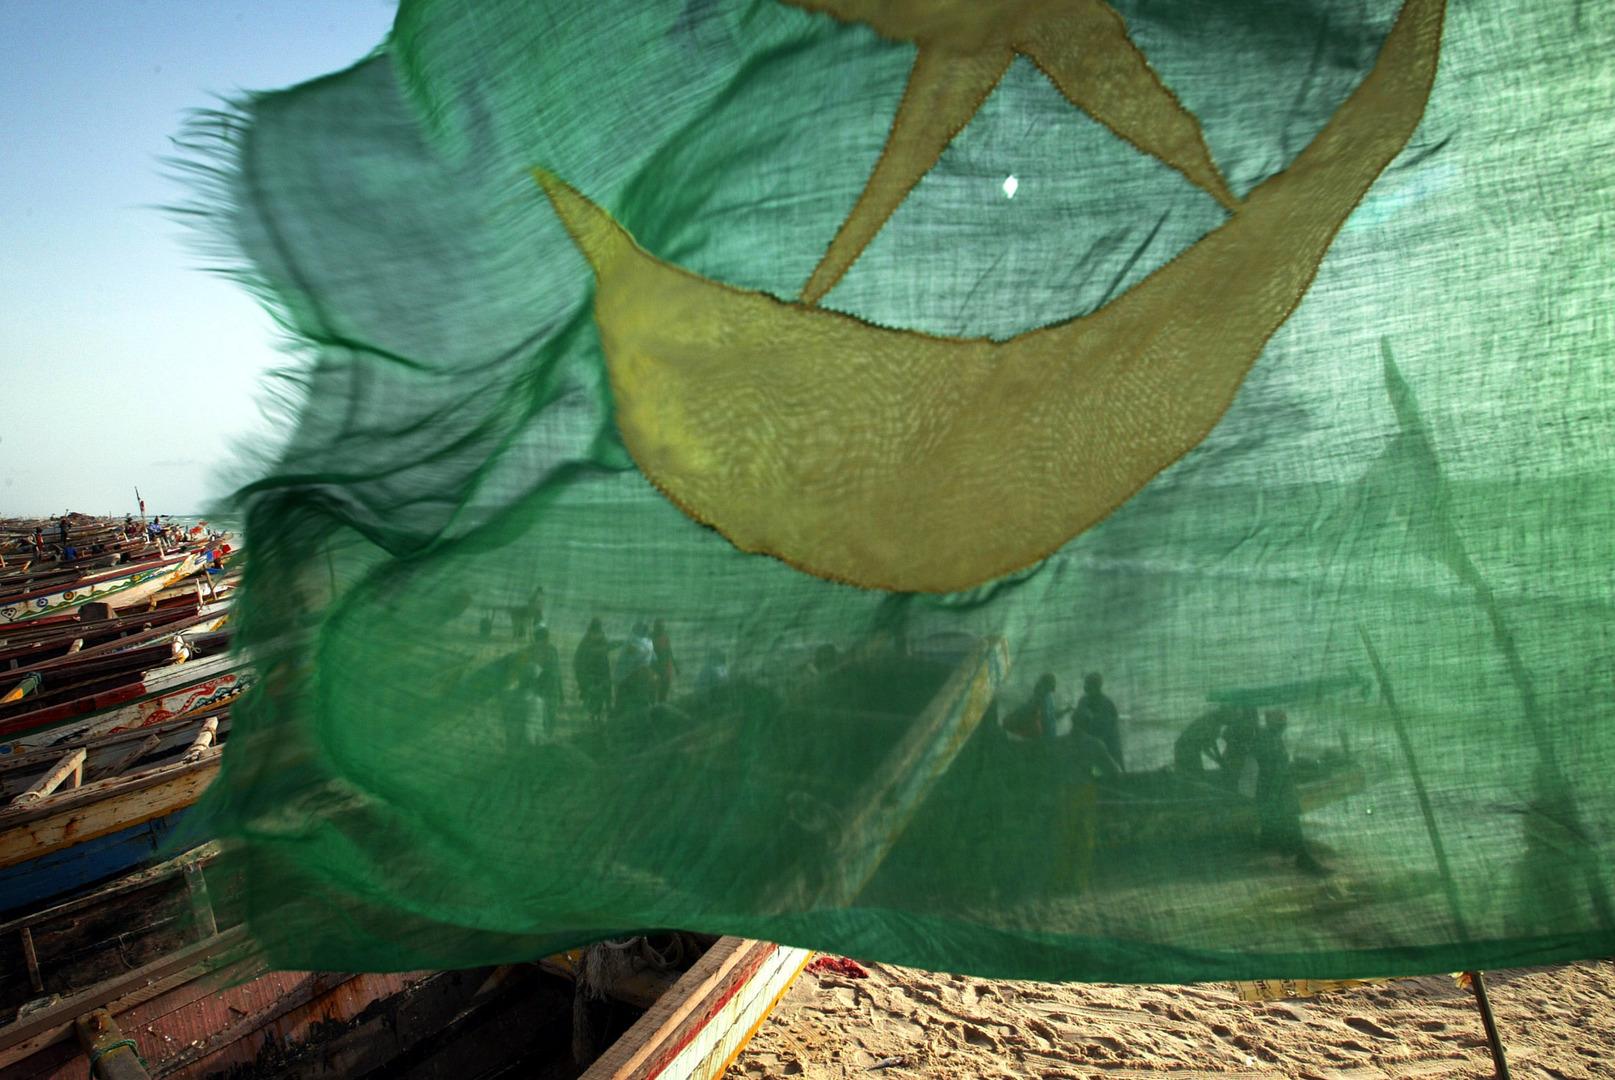 مطالب بتوفير الأمن بعد جريمة اغتصاب هزت نواكشوط